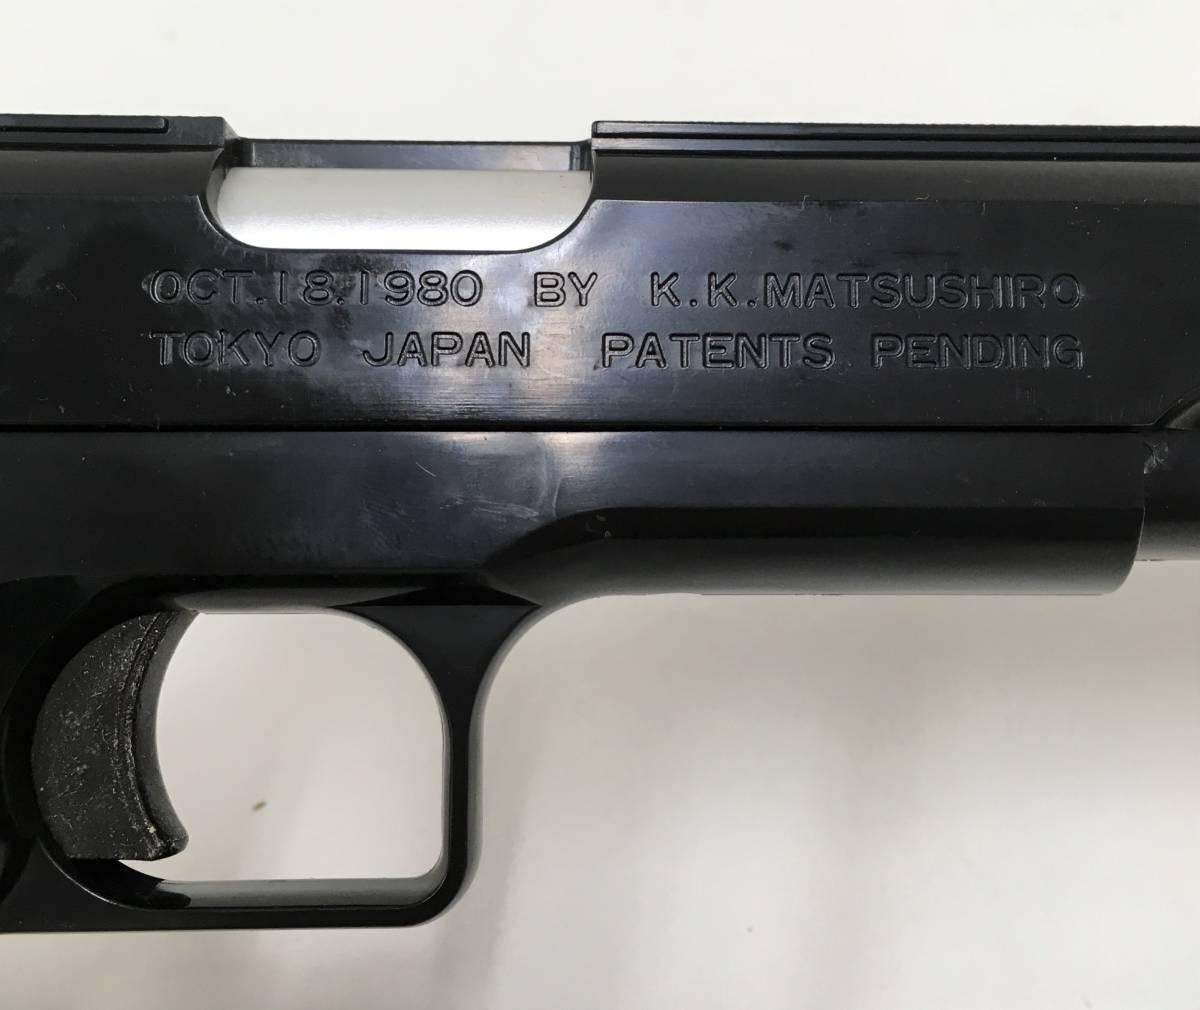 マツシロ【スーパーコルトガバメント】昭和レトロエアガン/BULLETS弾付き♪/A5639_画像6